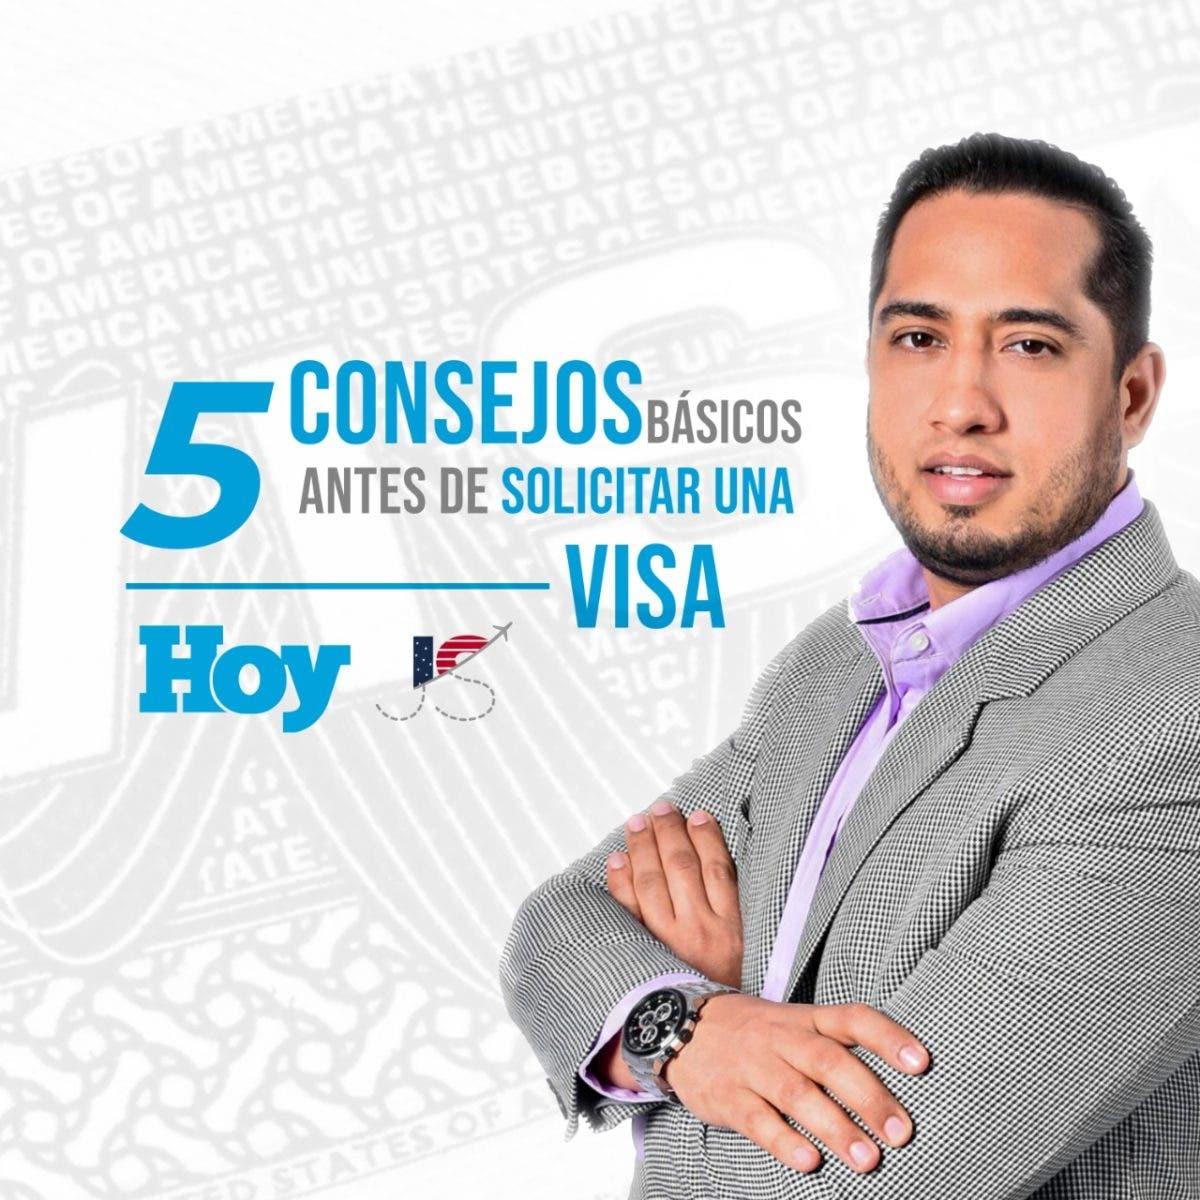 Cápsulas Migratorias HOY: Cinco Consejos básicos antes de solicitar una visa para los Estados Unidos